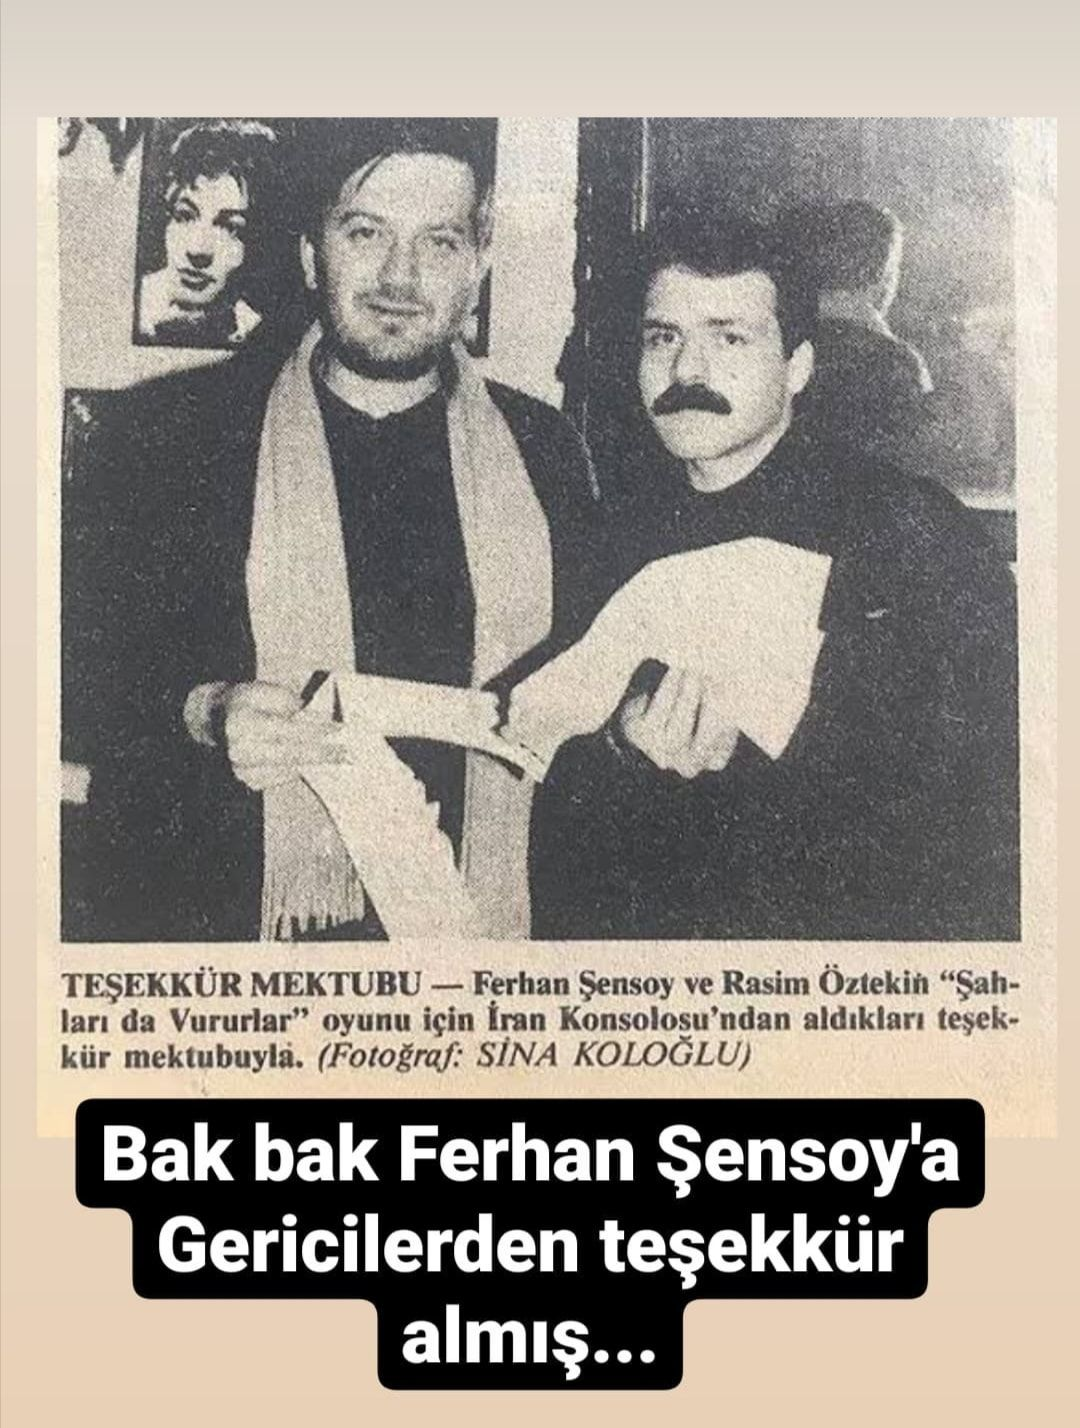 Ferhan Şensoy da mı şeriatçıymış!!!